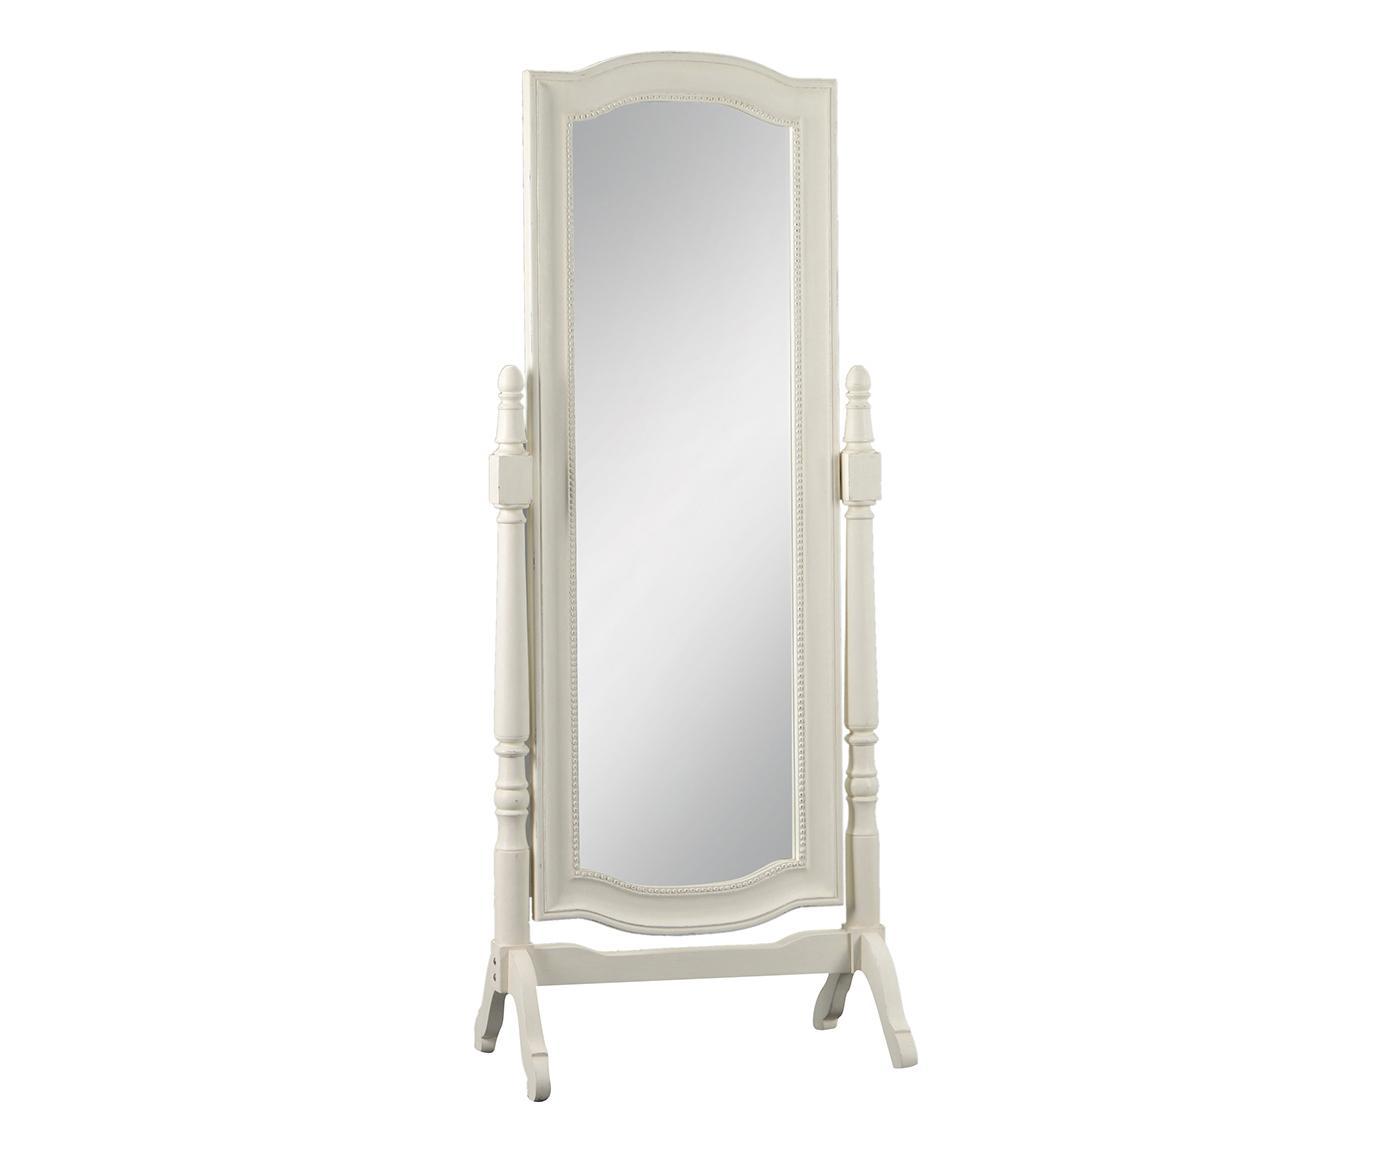 Prezzi specchio parete mdf diamonds prezzi e negozi - Specchio diamond riflessi prezzo ...